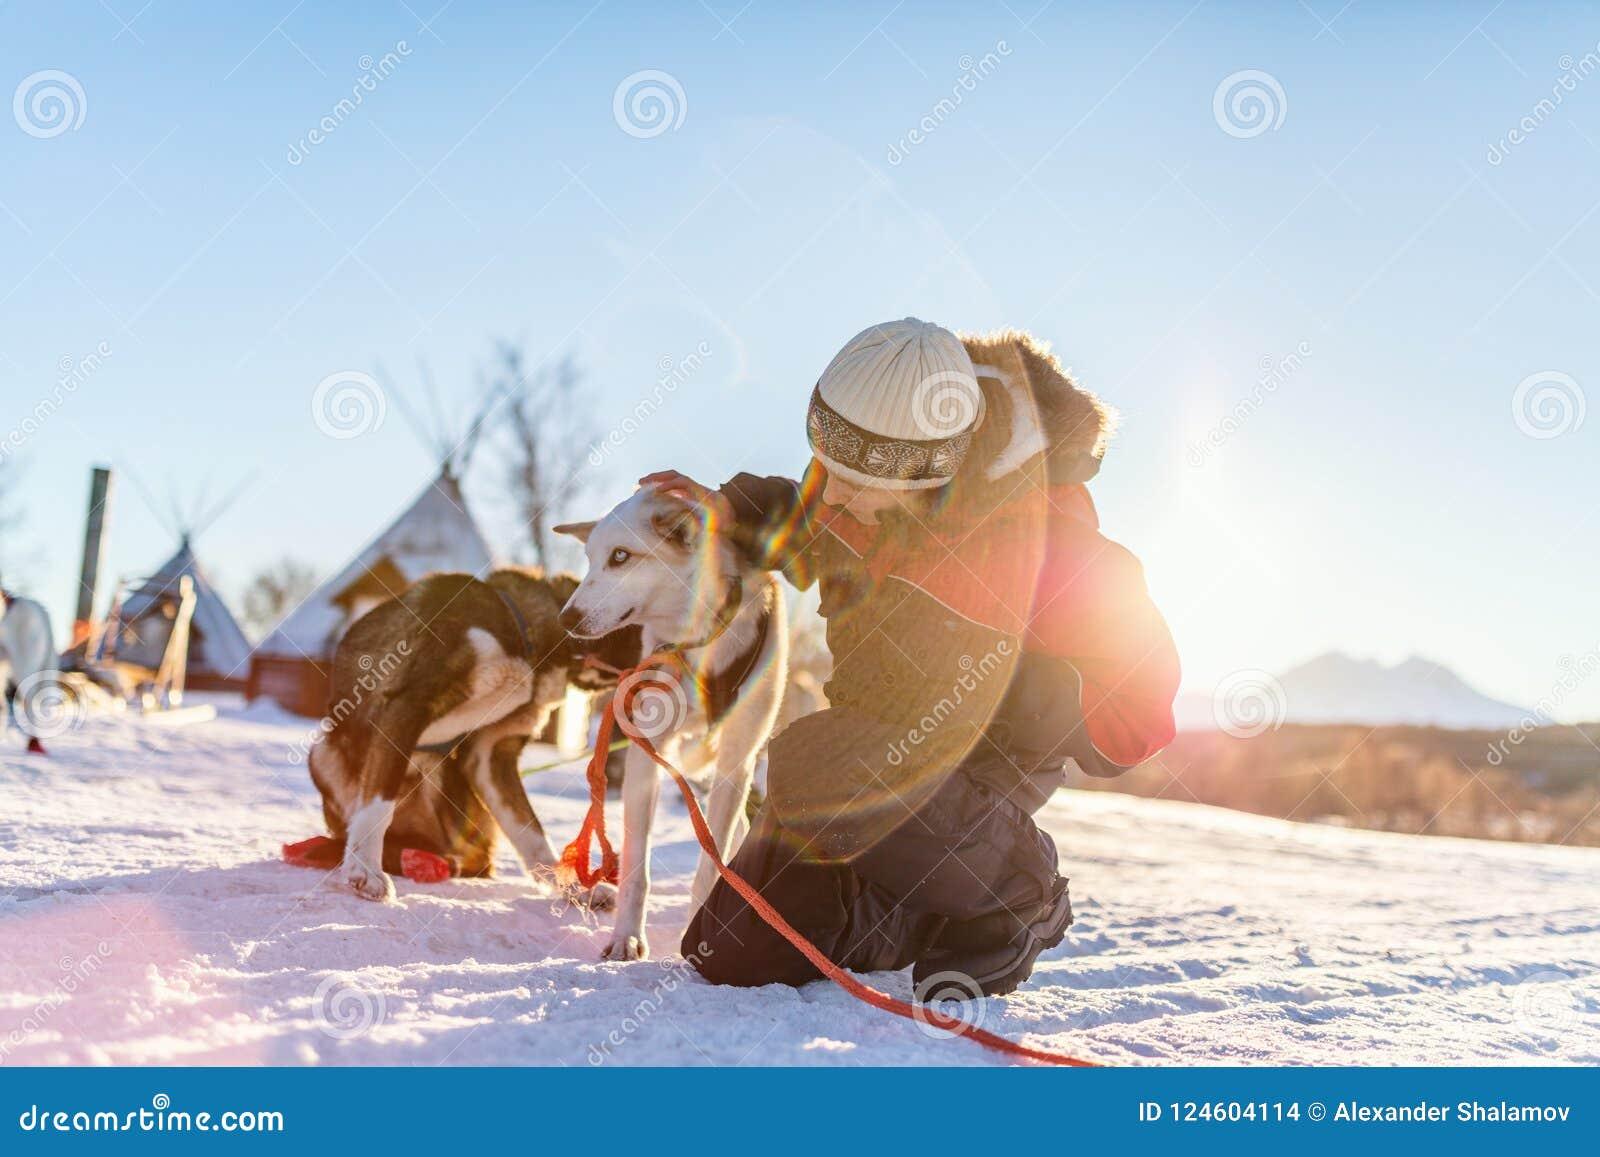 Adolescente com cão ronco